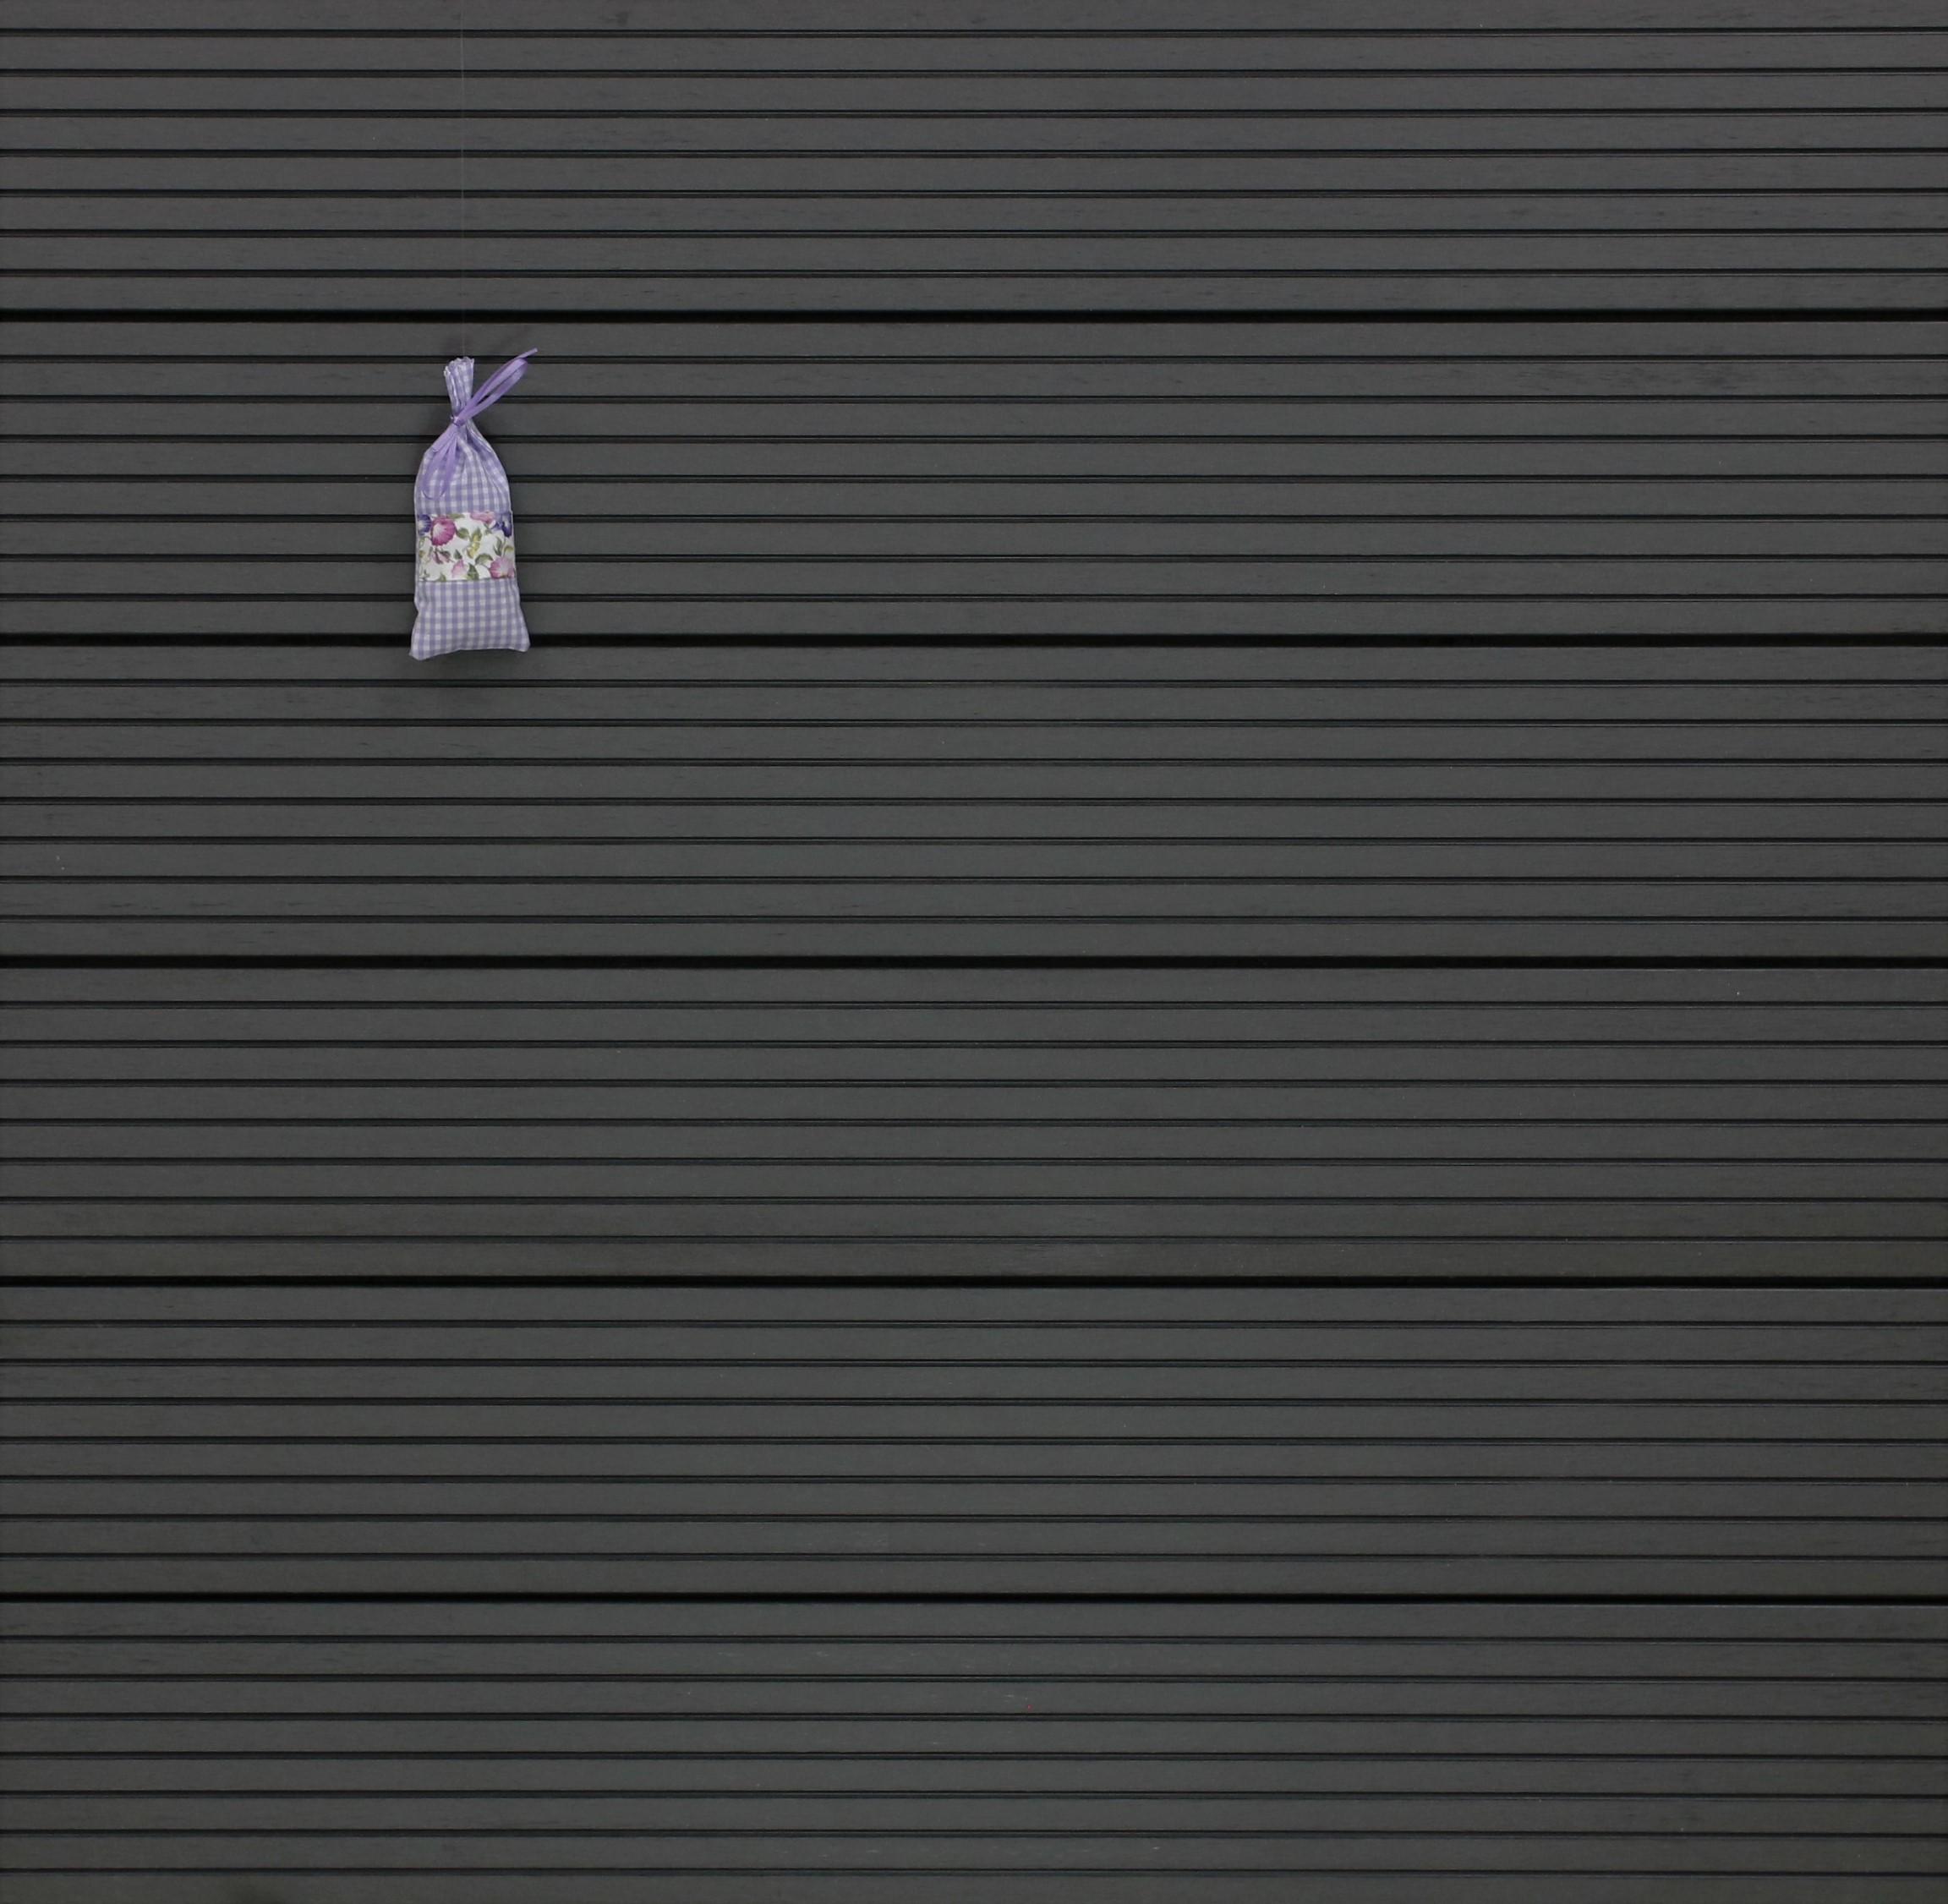 WPC Terrassendielen massiv, Oberfläche grob genutet, Farbton dunkelgrau, 22 x 143 bis 4800 mm für 8,95 €/lfm